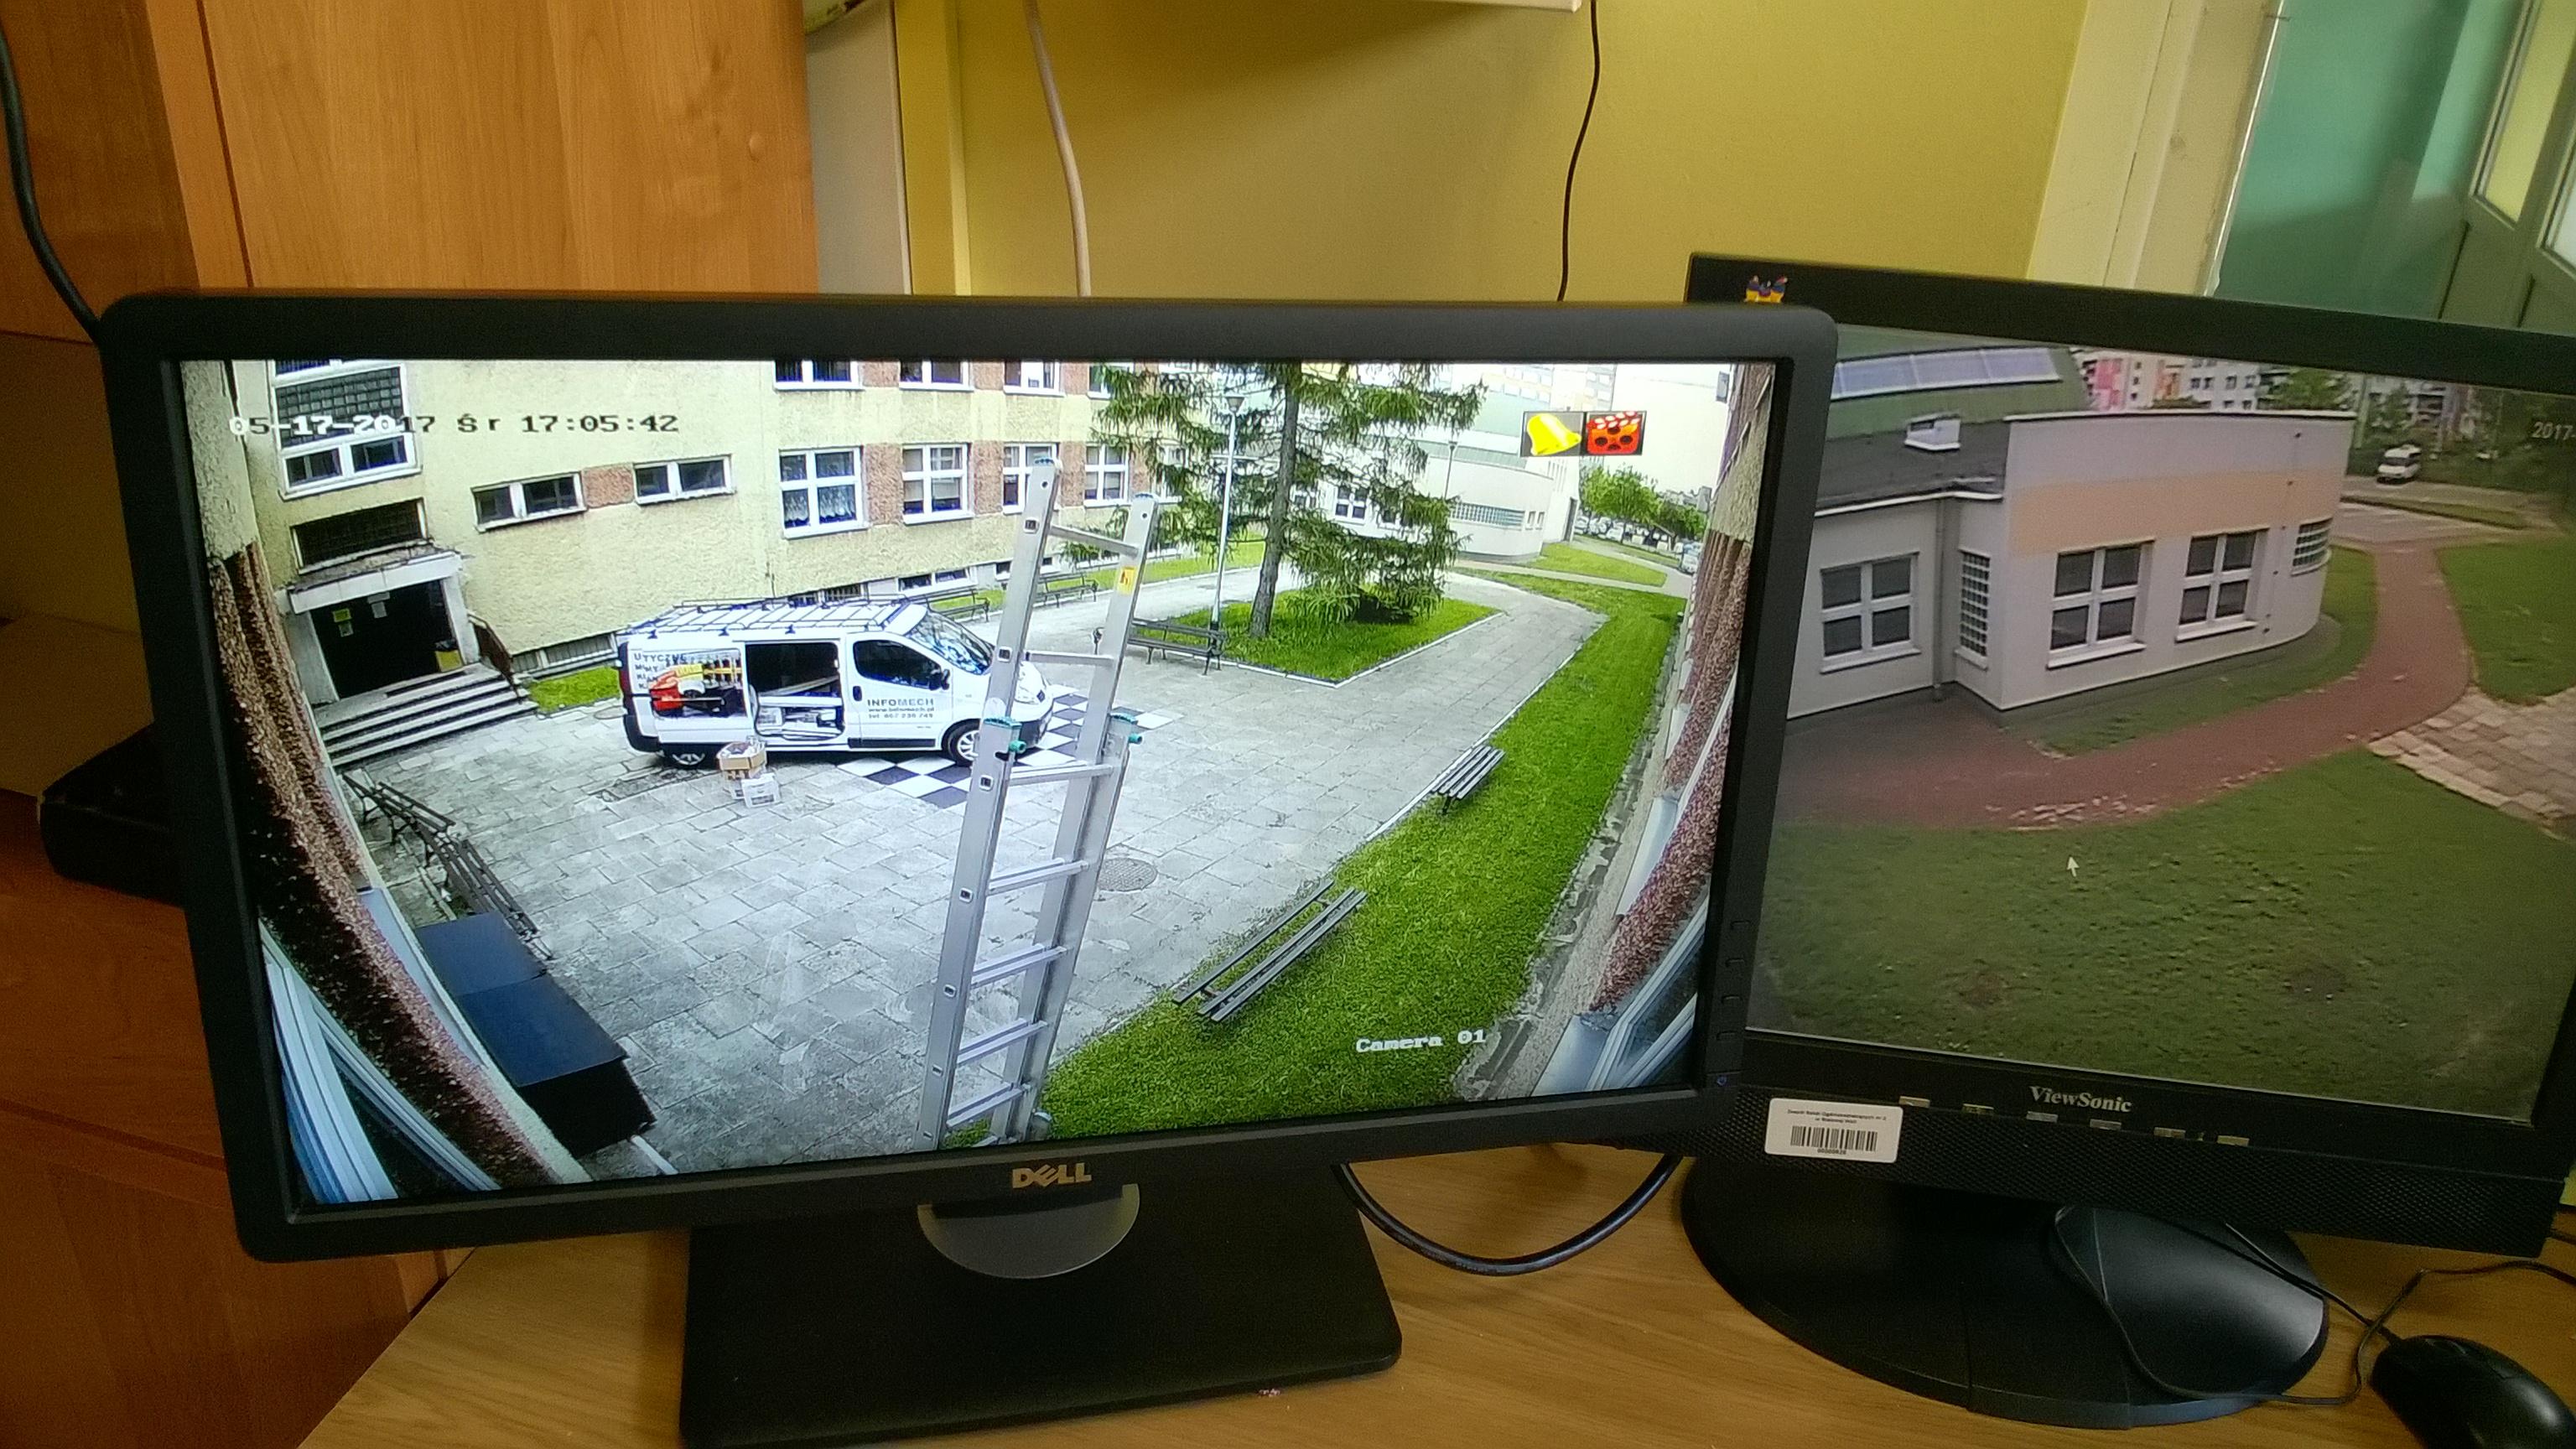 Wykonaliśmy monitoring w Szkole Samorządowej w Stalowej Woli. Obecnie szykujemy sprzęt na Monitoring szkoły Biłgoraj Janów Lubelski